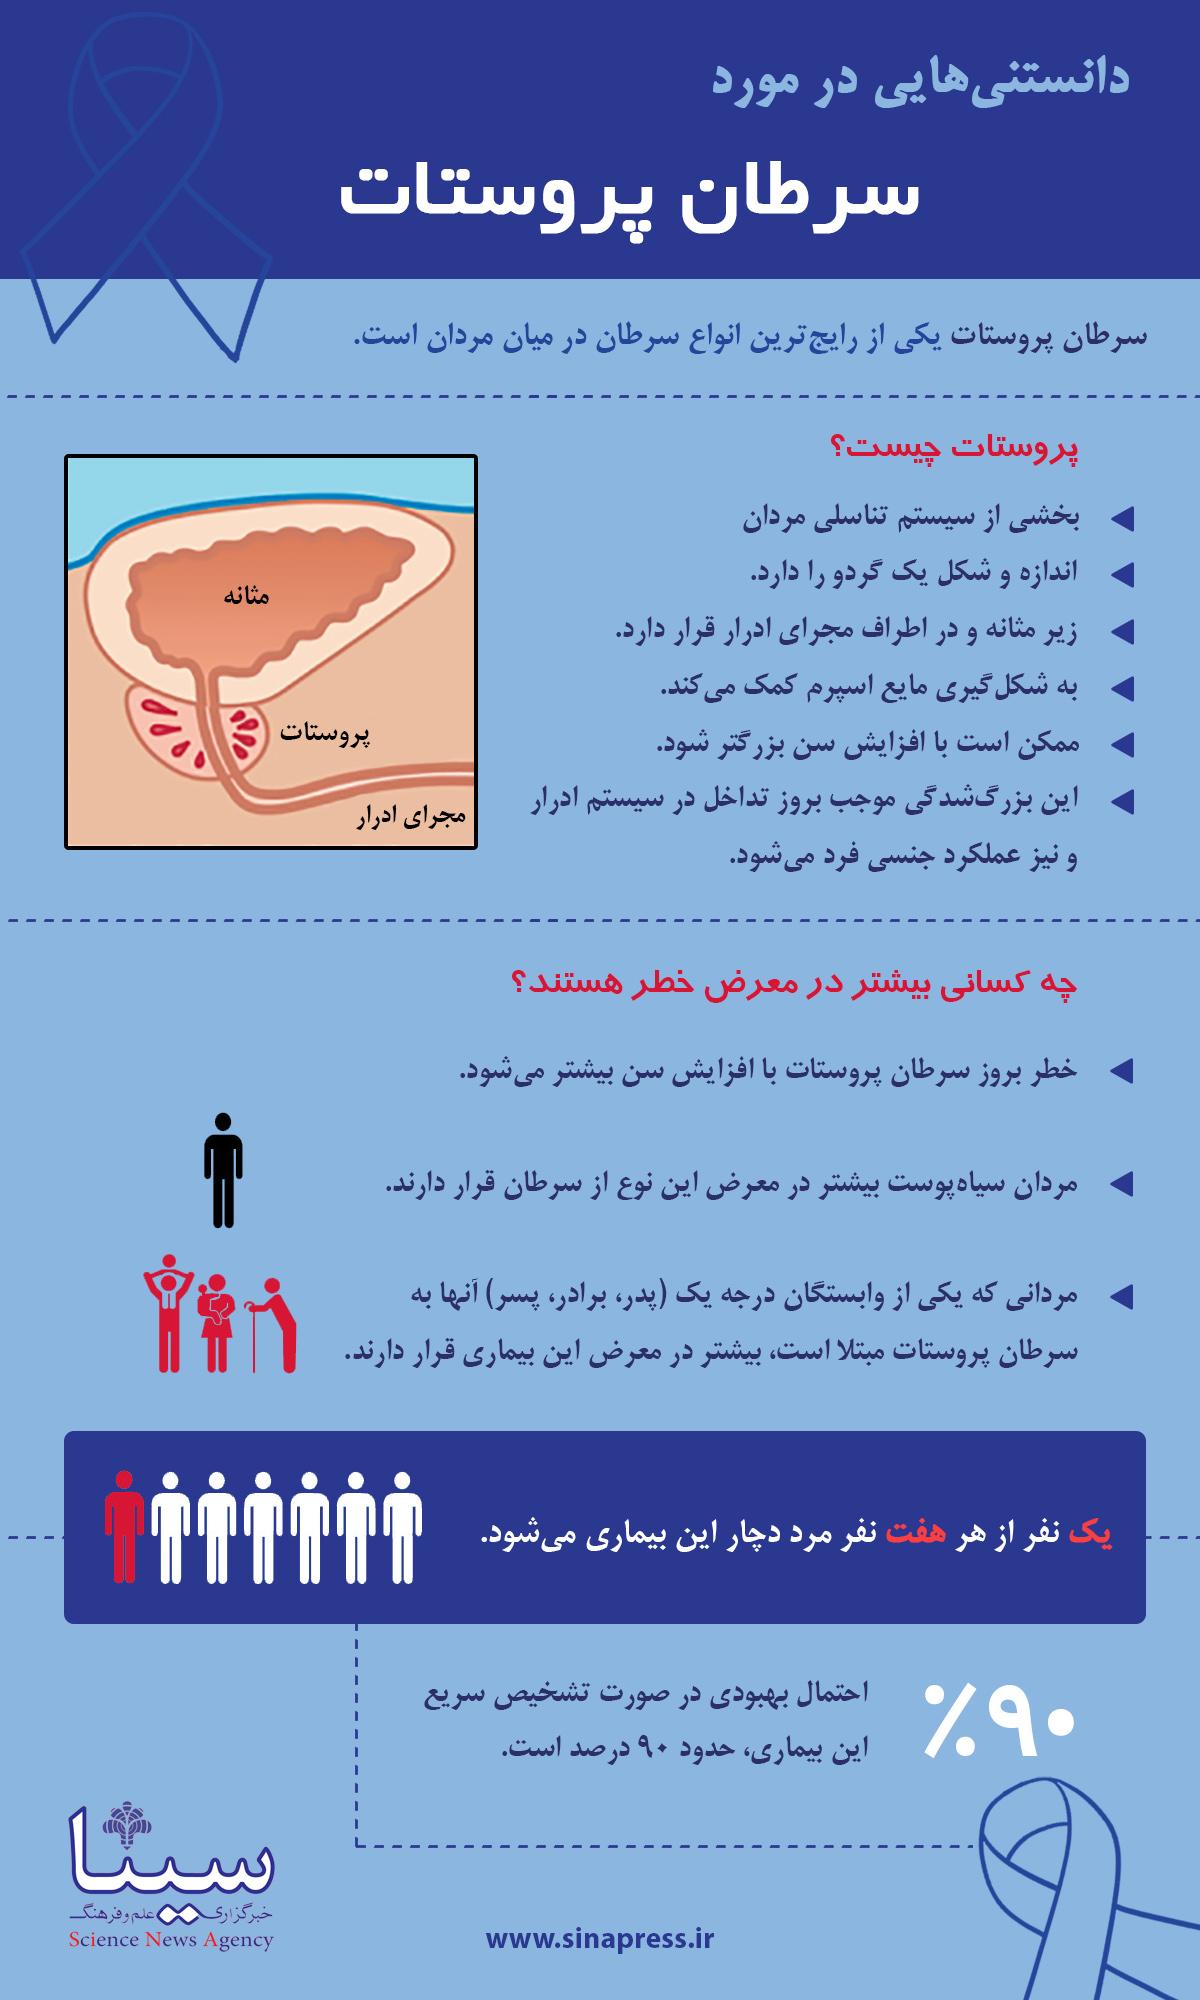 دانستنی هایی در مورد سرطان پروستات   اینفوگرافی